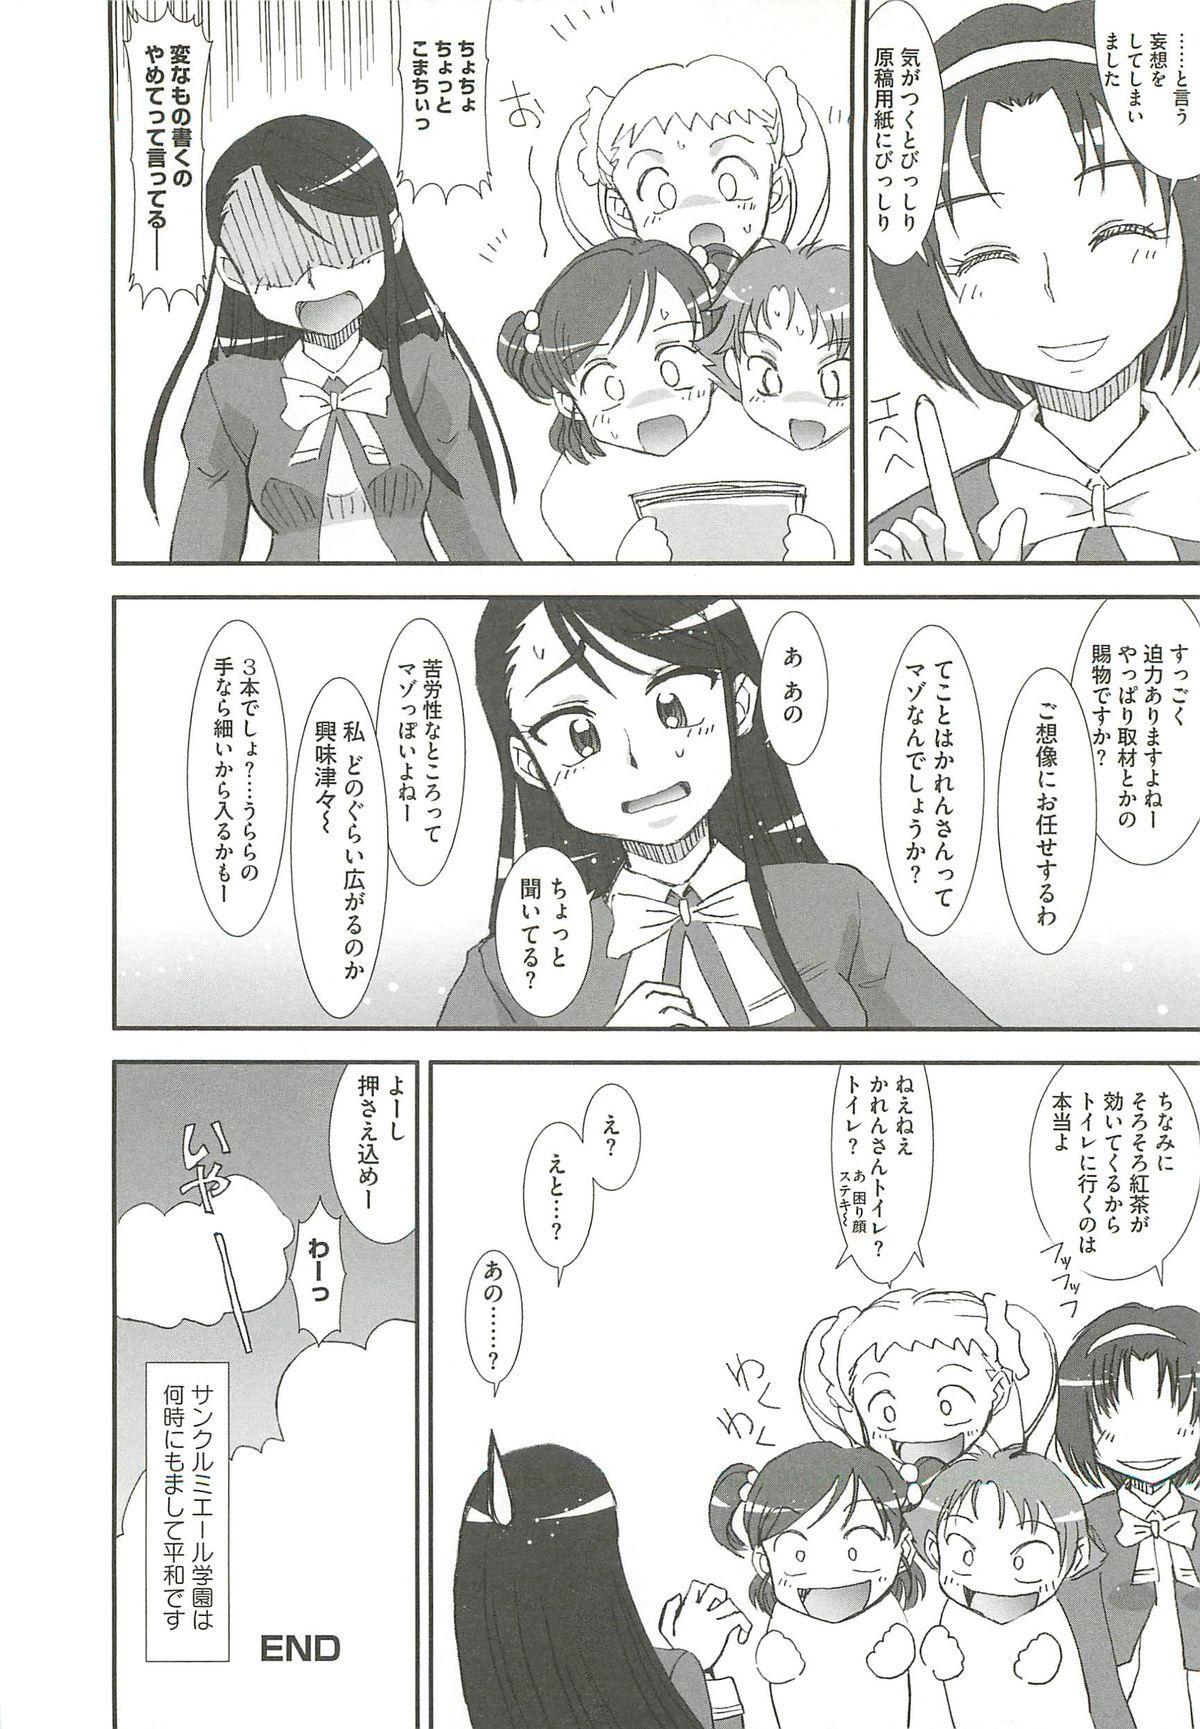 Ingoku no Ikusa Otome 159